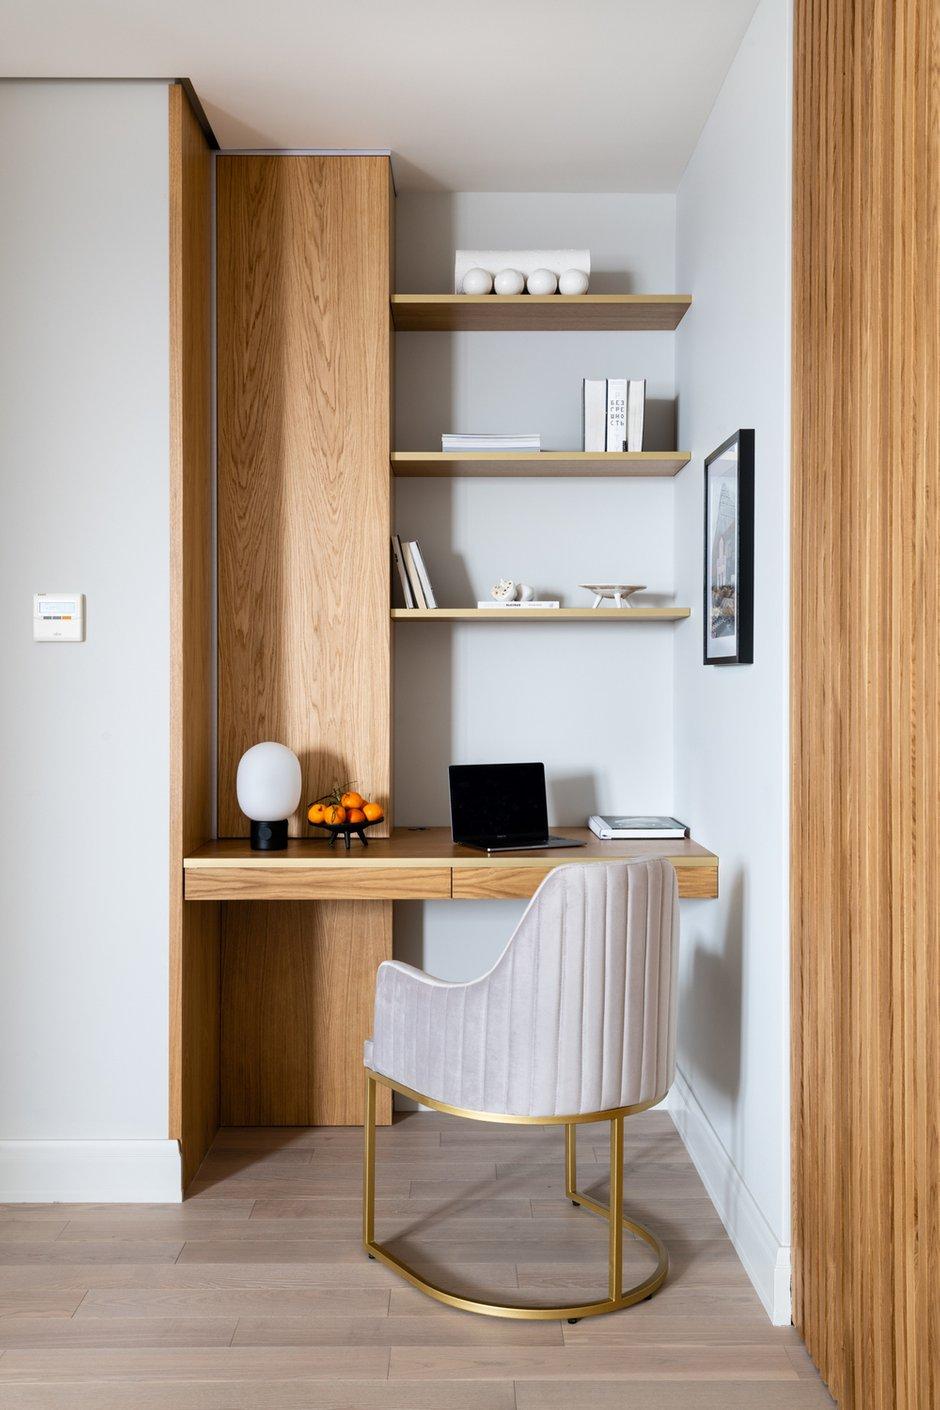 В зоне гостиной предусмотрено рабочее место, мебель для которого проектировалась на заказ, в едином стиле с раздвижной перегородкой.